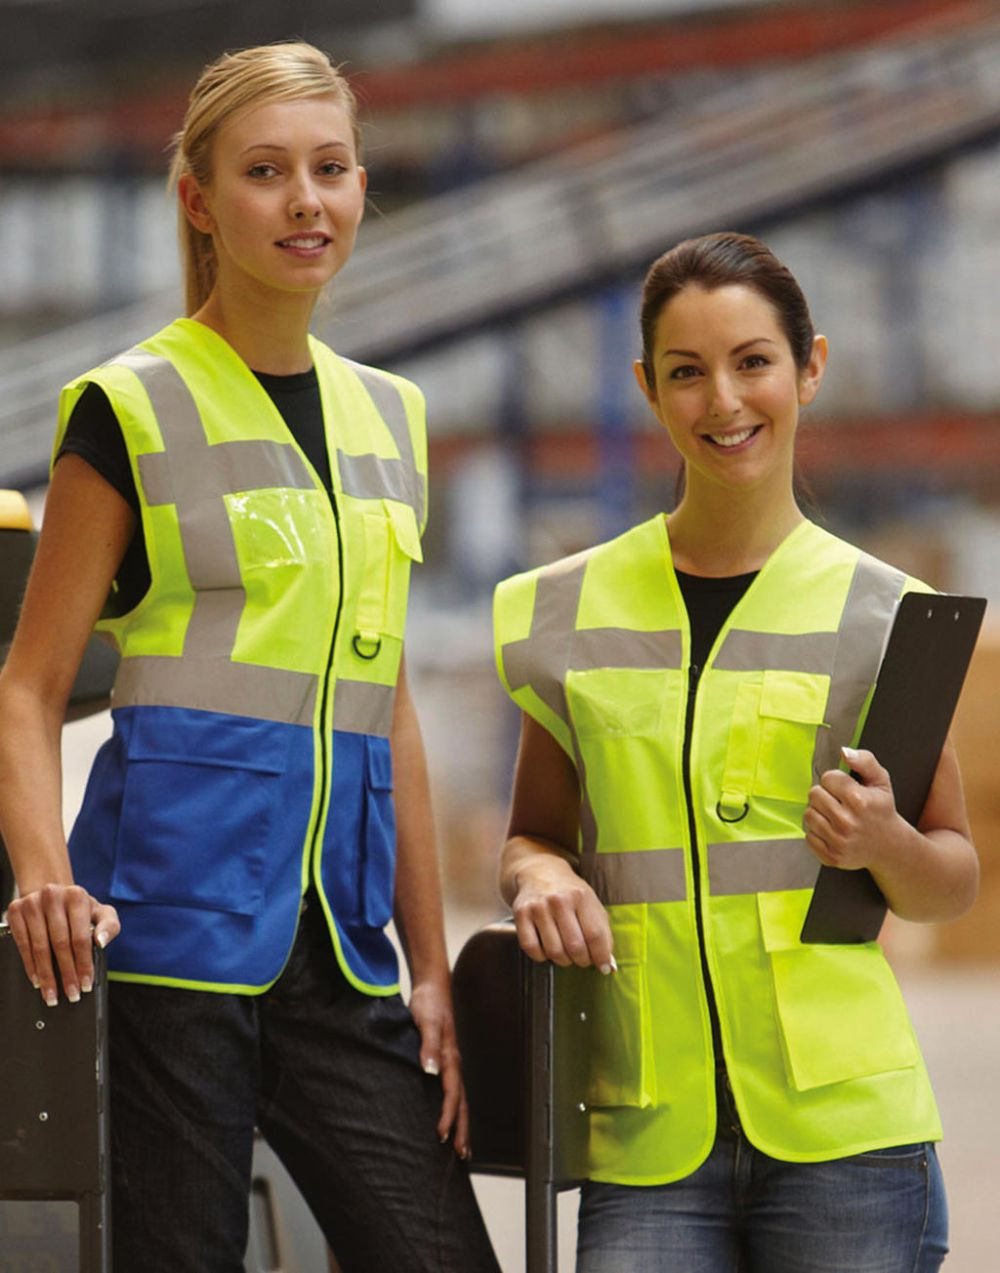 Chalecos reflectantes yoko de seguridad fluo con publicidad vista 7